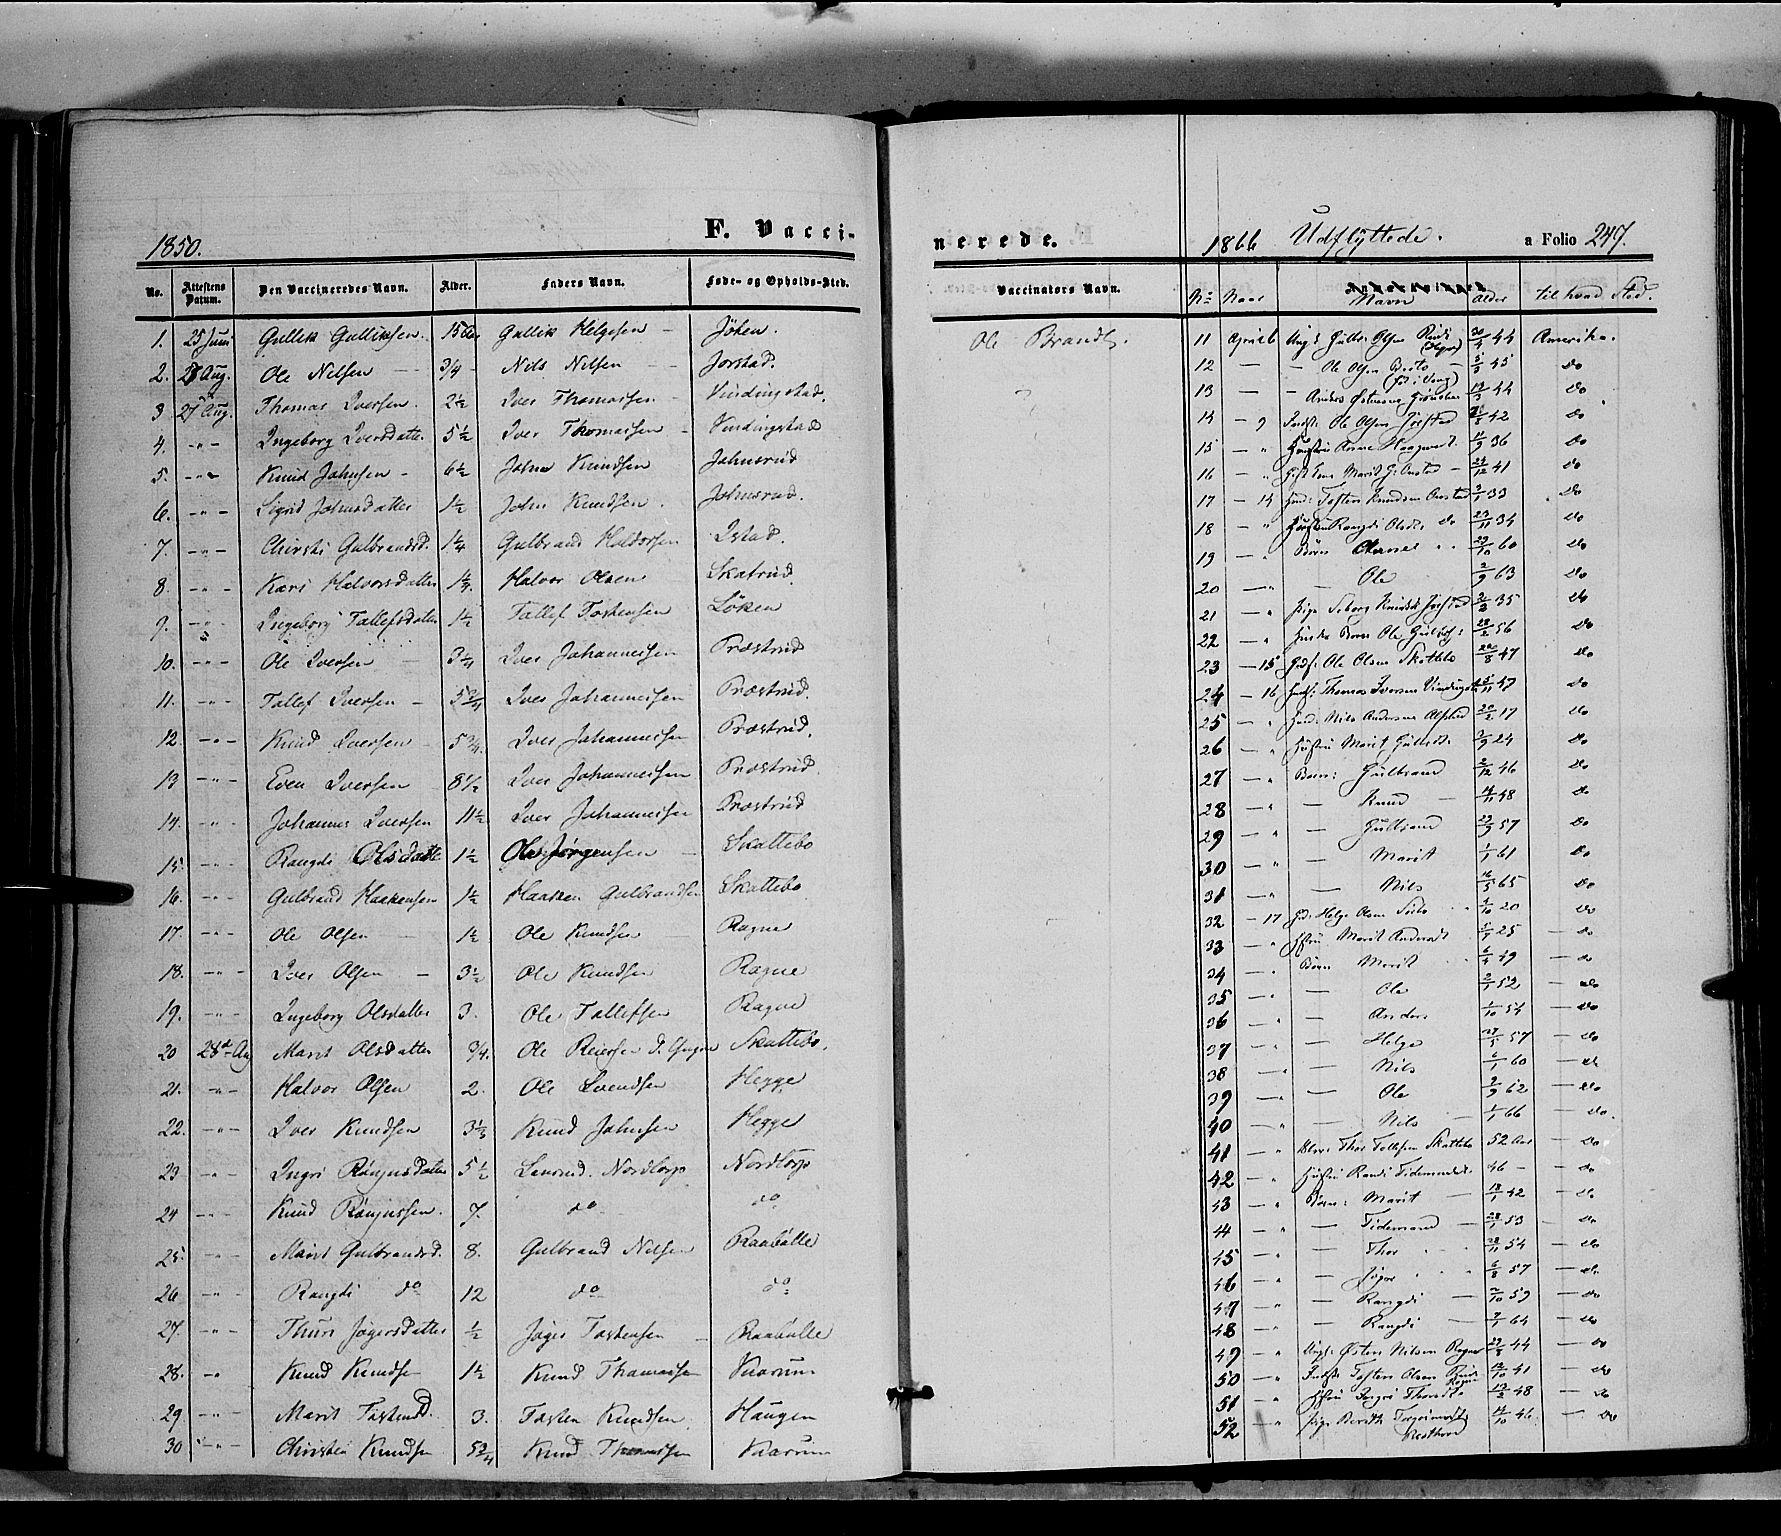 SAH, Øystre Slidre prestekontor, Ministerialbok nr. 1, 1849-1874, s. 247